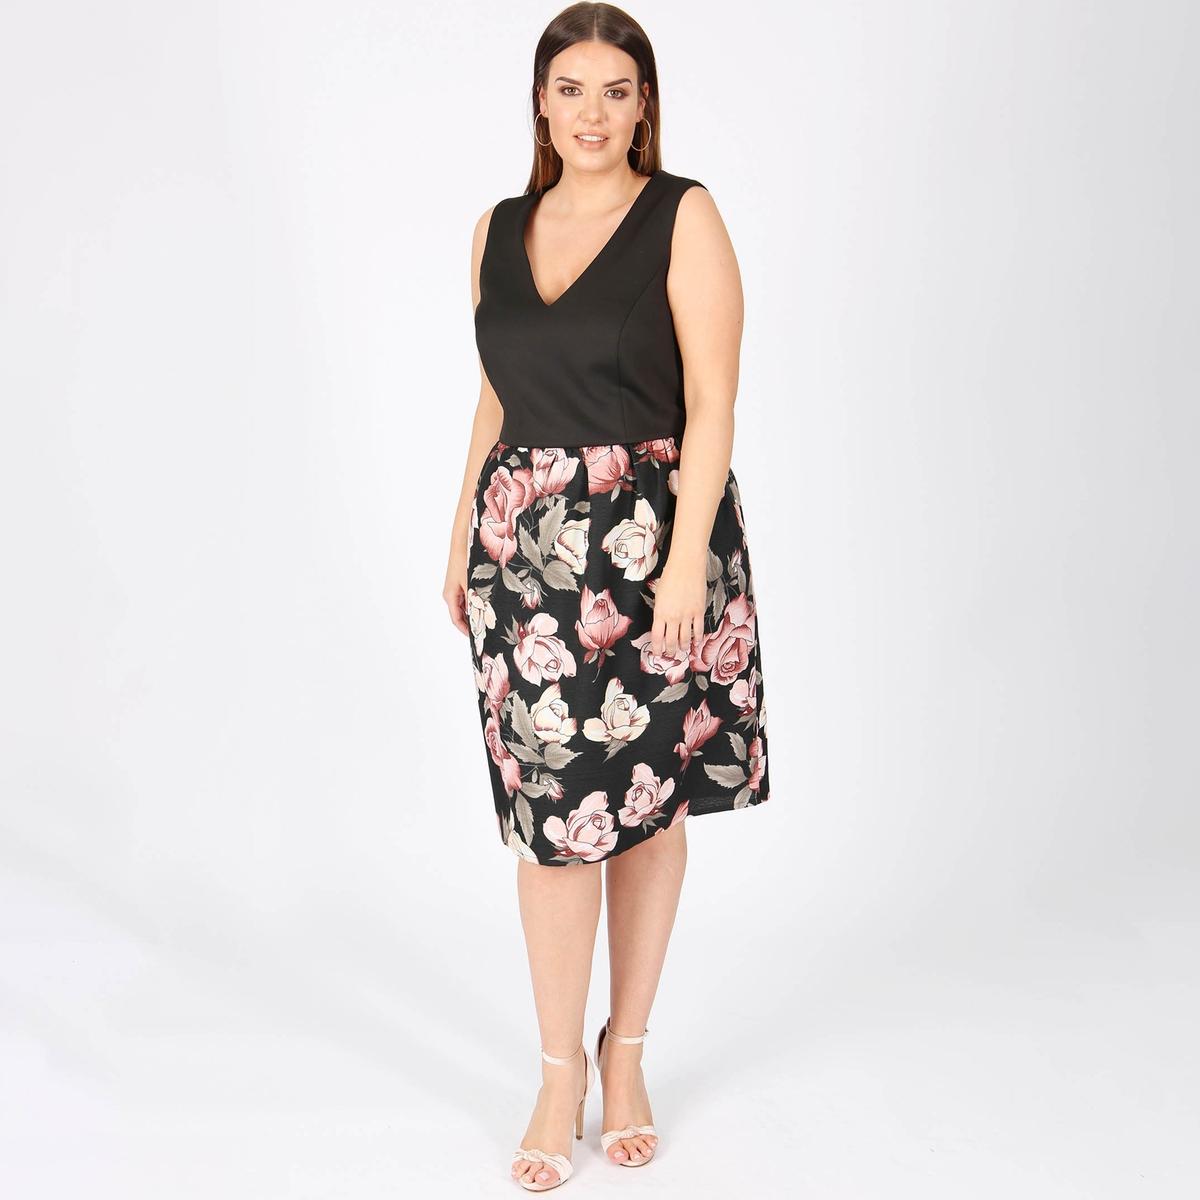 Платье без рукавов с цветочным принтом из двух материалов aquarium fish tank tubing straight connector t splitter for 4mm air line 24 pcs